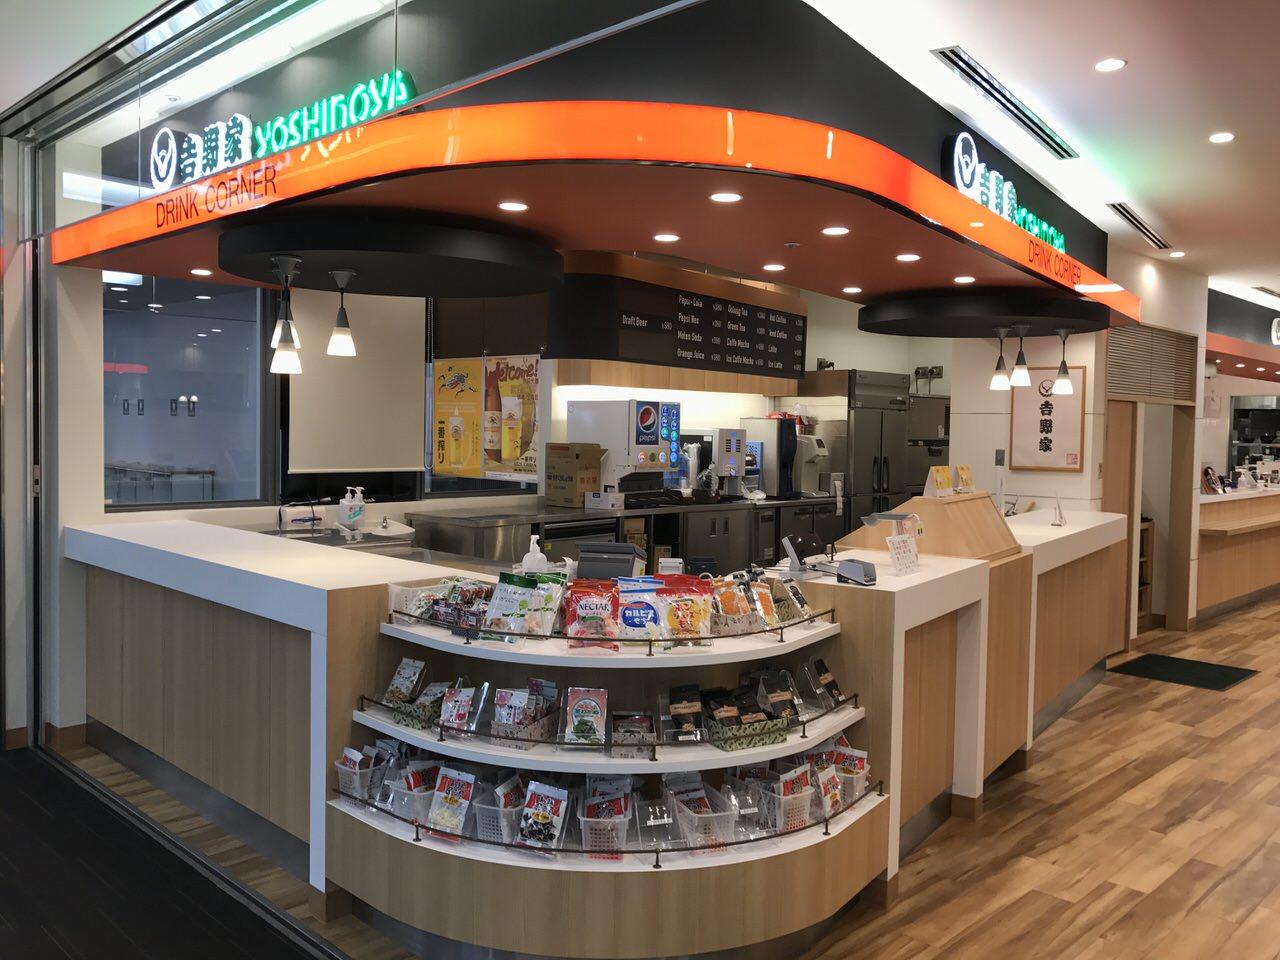 Narita airport yoshinoya 0386